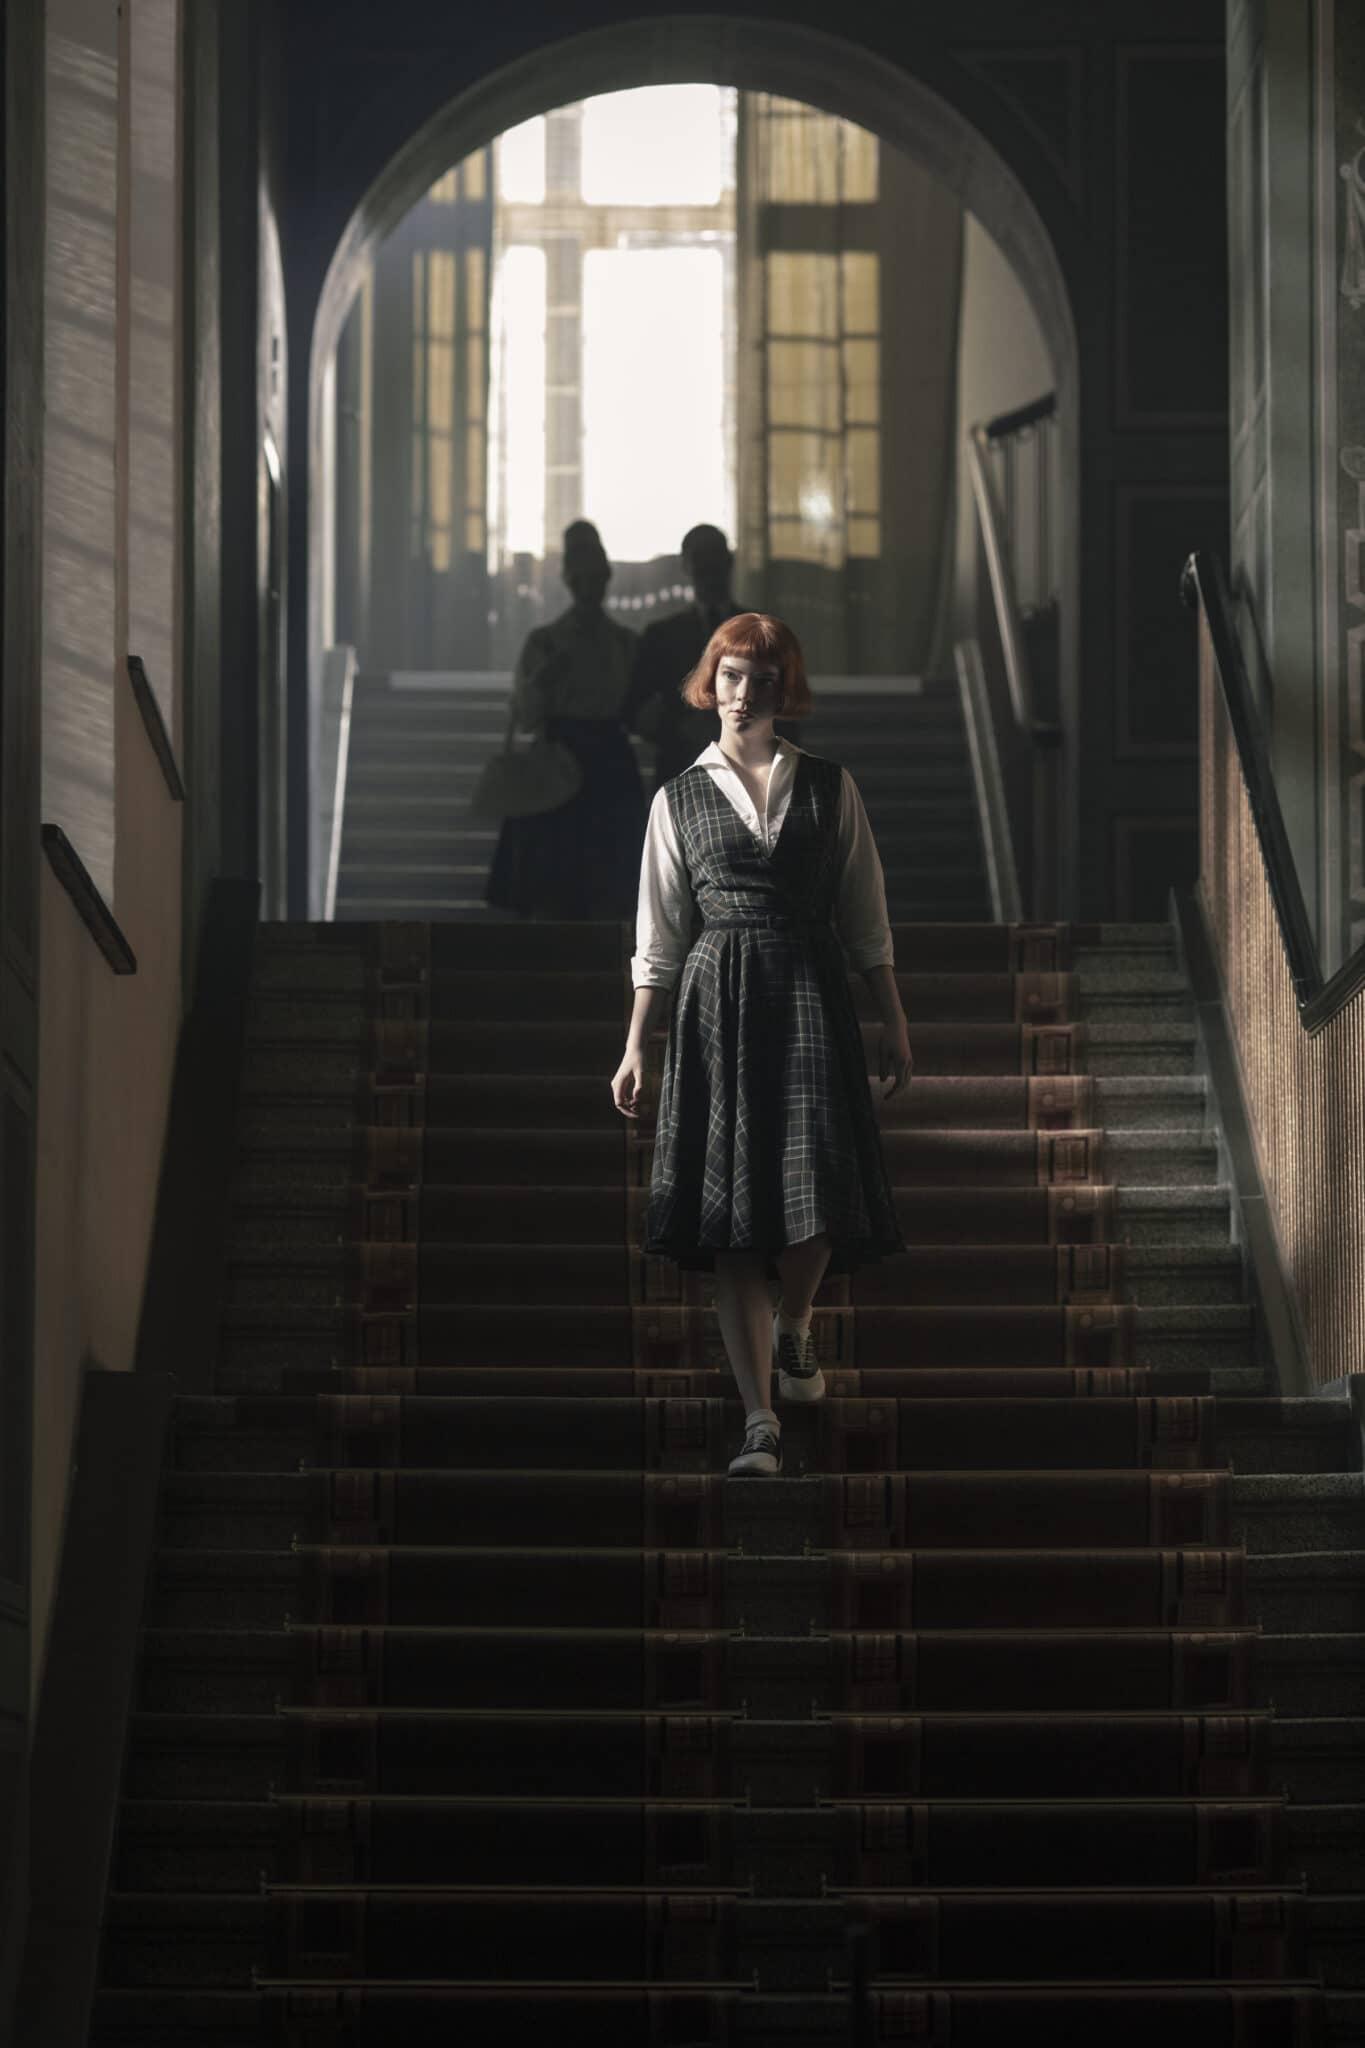 Beth (Anya Taylor-Joy) läuft eine Treppe herab. Das Treppenhaus ist spärlich beleuchtet, nur Beth selbst wird durch hereinfallendes Licht getroffen. Im Hintergrund sieht man noch ein Pärchen ebenfalls die Treppe herabsteigen.